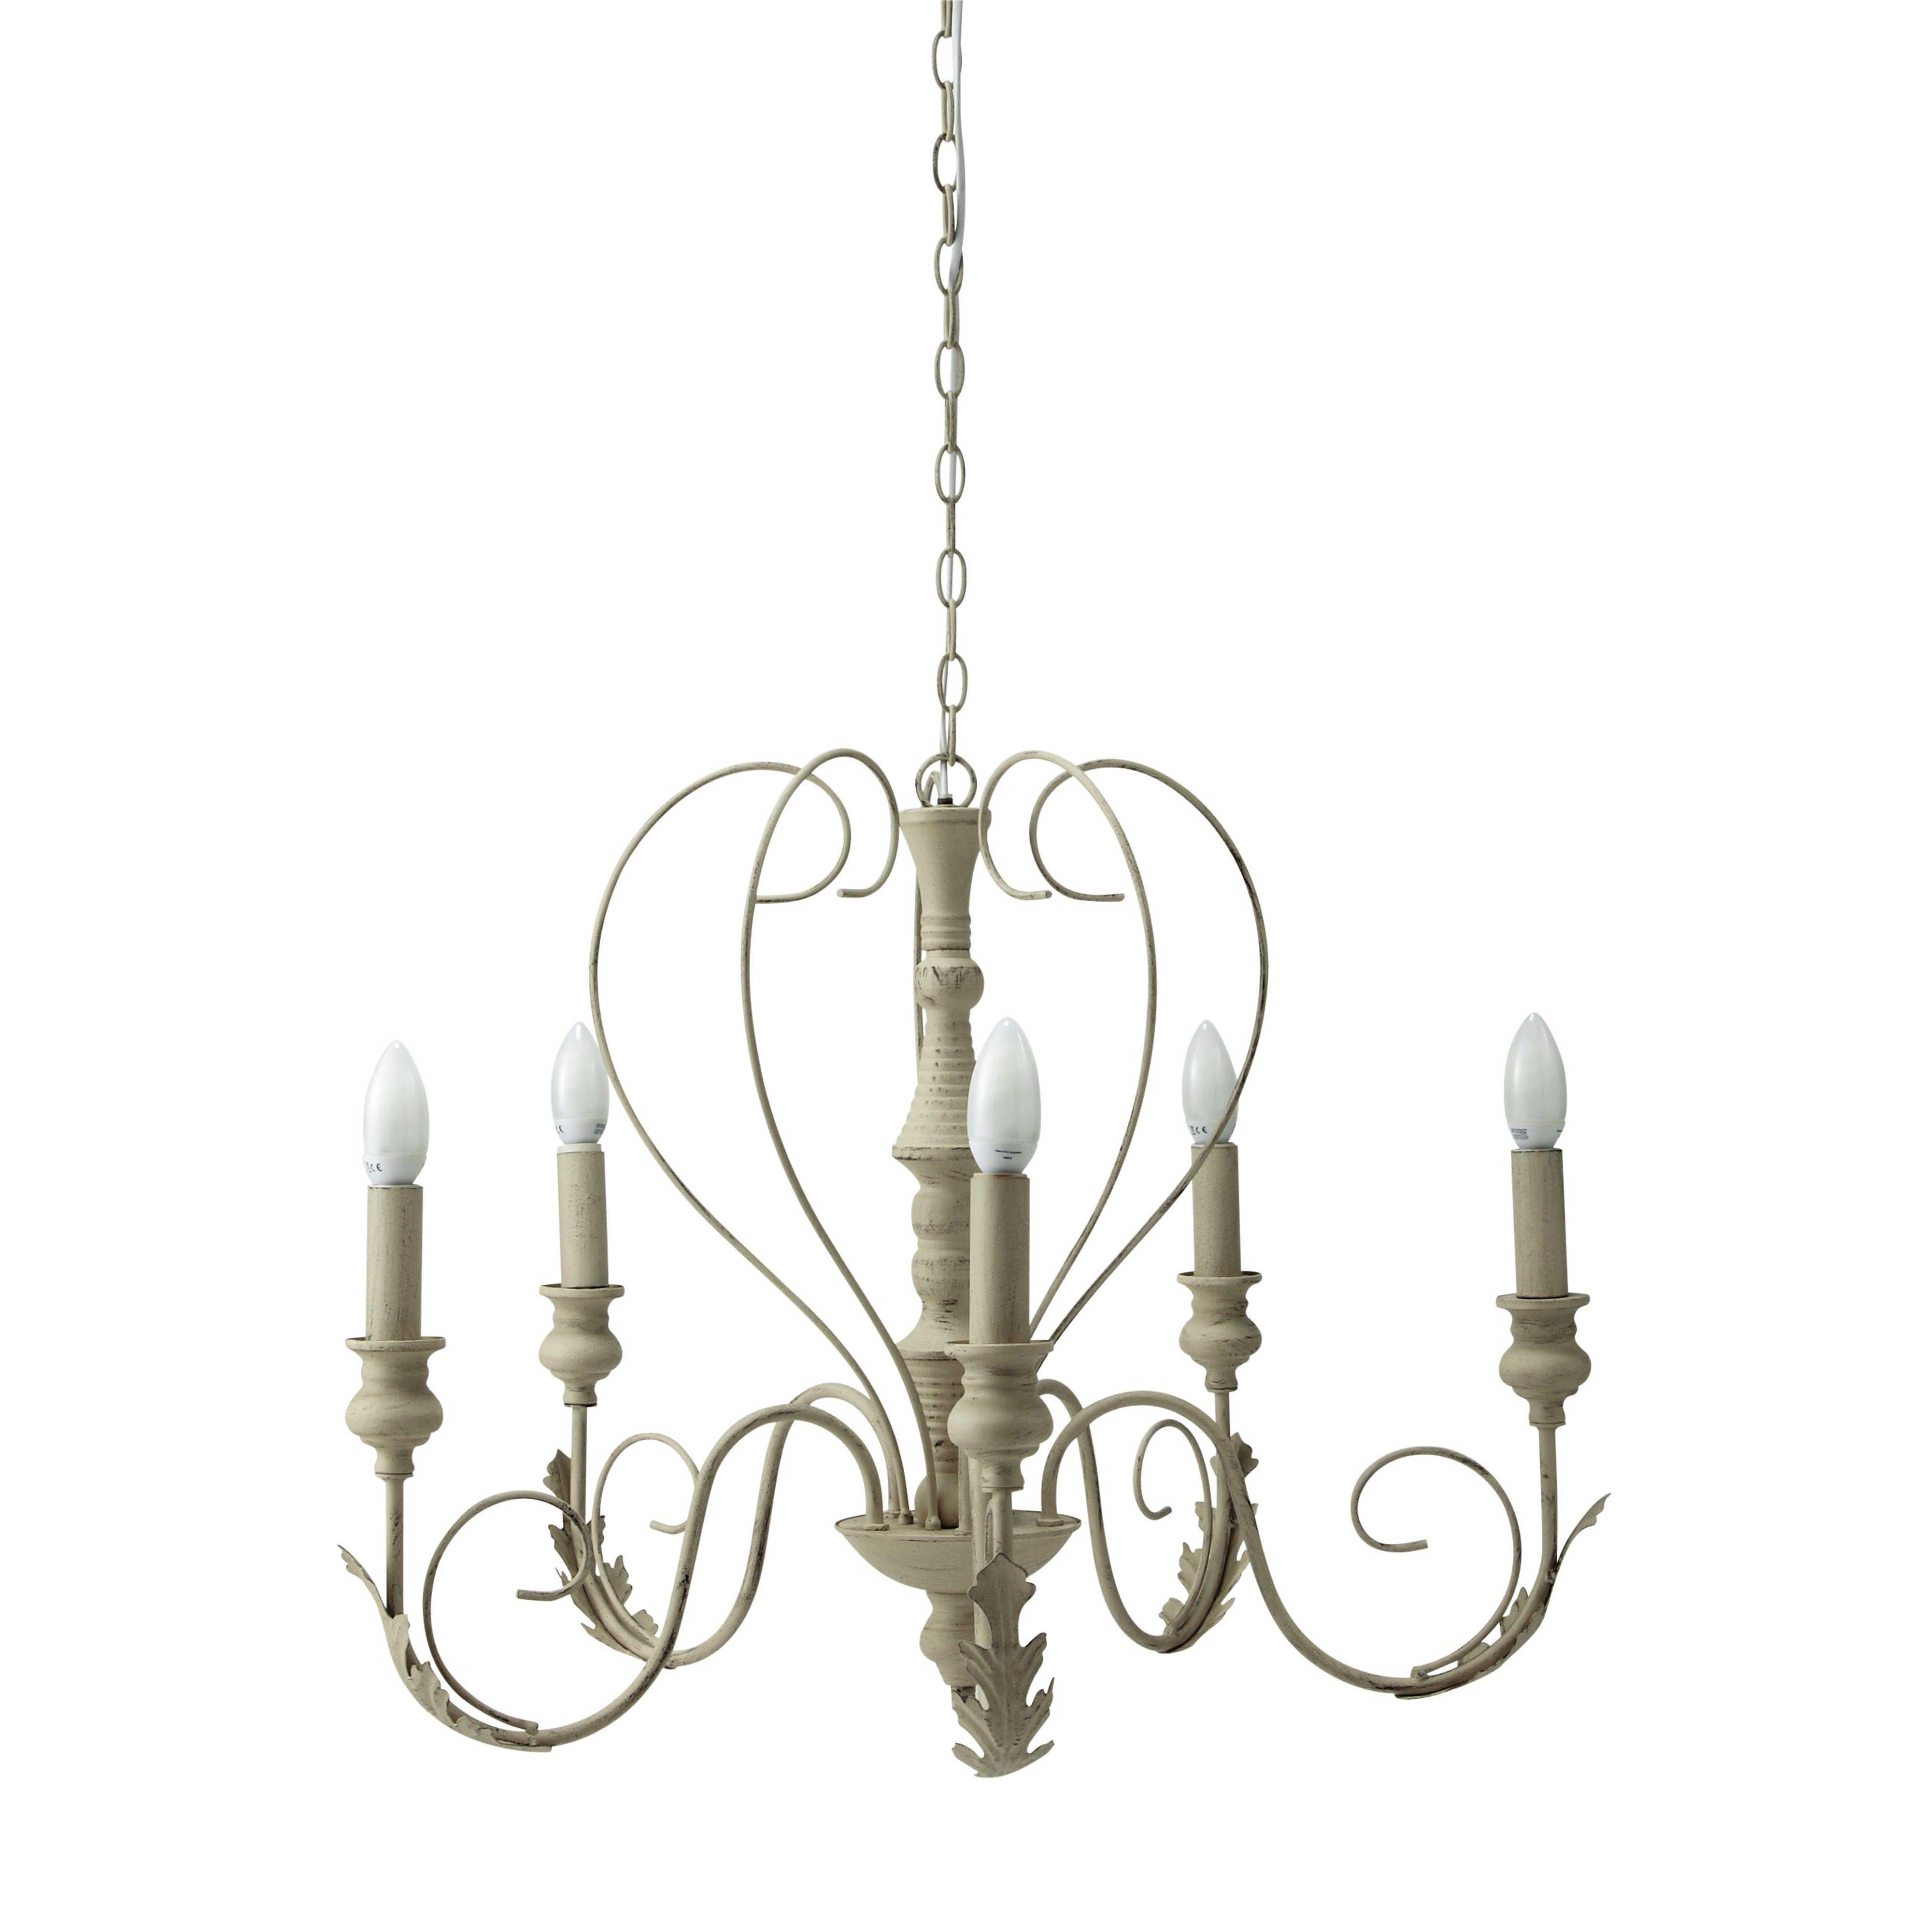 Colori e materiali dei lampadari shabby; Lampadario In Metallo Beige 63 Cm Maisons Du Monde Lampadario Illuminazione Soffitto Lampadari